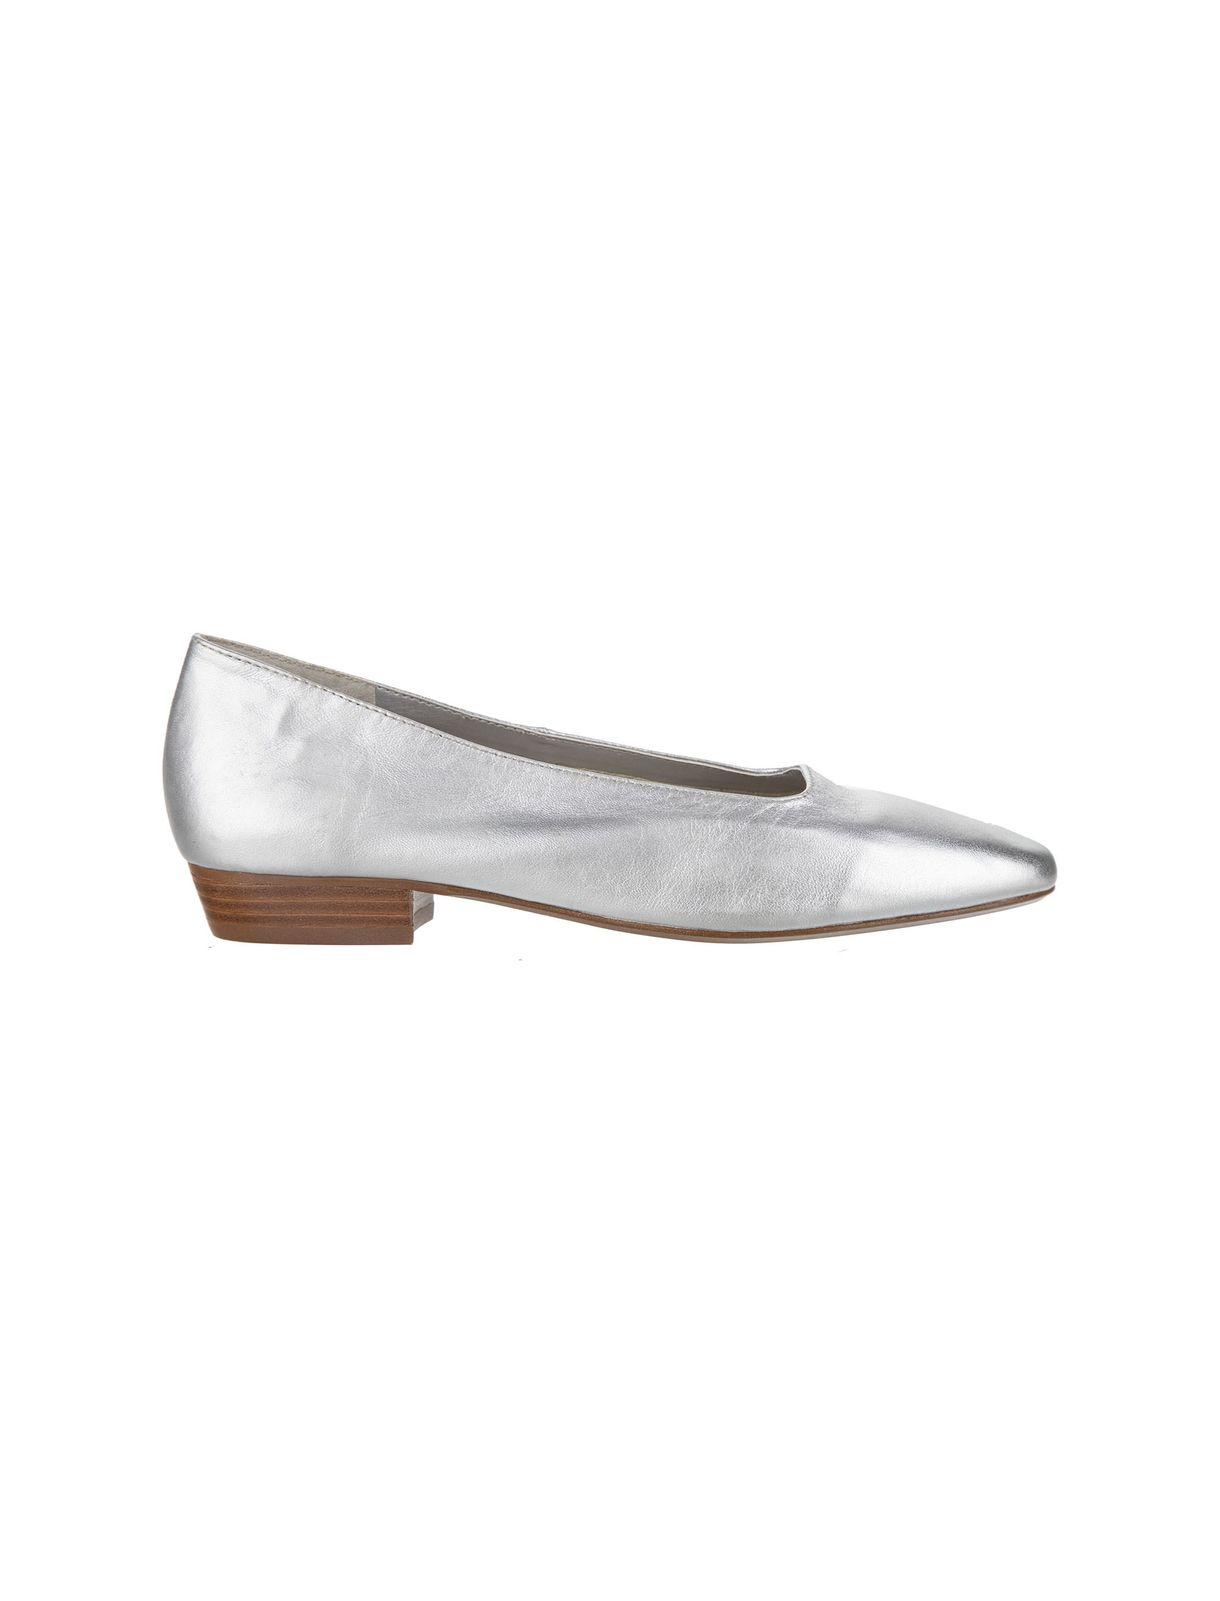 کفش چرم تخت زنانه – مانگو  Women Leather Flat Shoes – Mango